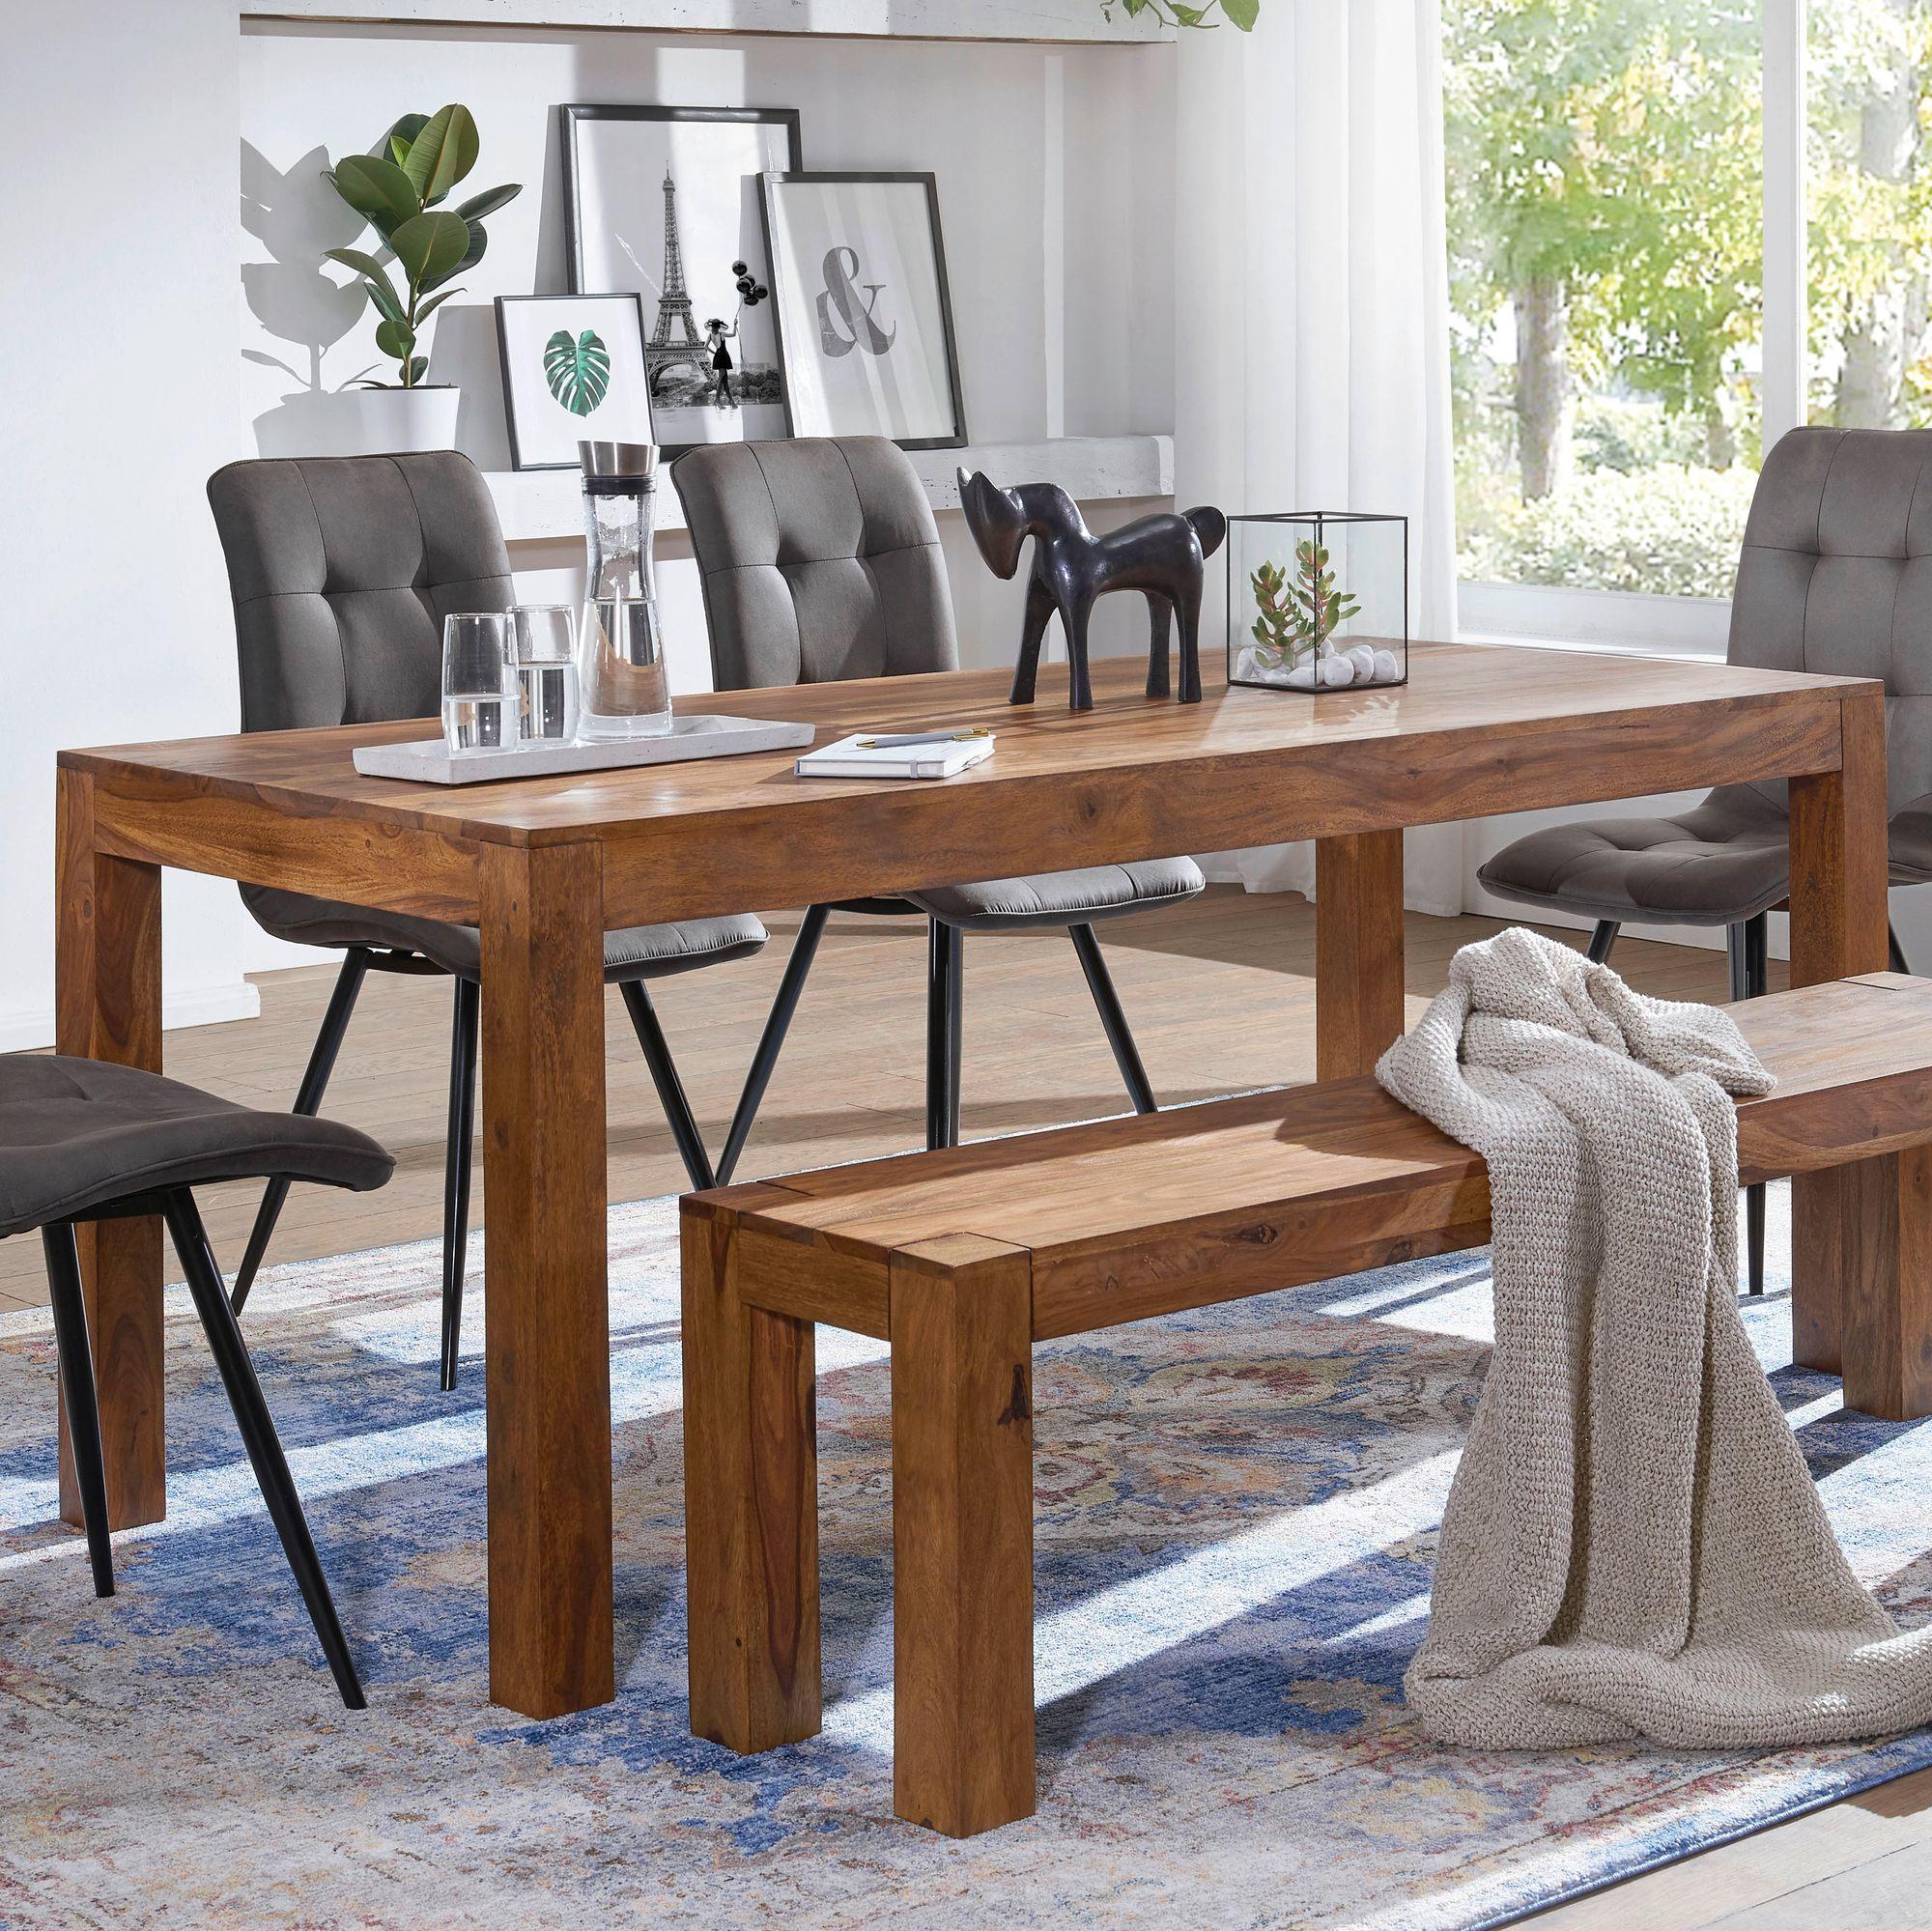 FineBuy Esstisch Massivholz Sheesham Esszimmer-Tisch Küchentisch  Landhaus-Stil | Finebuy